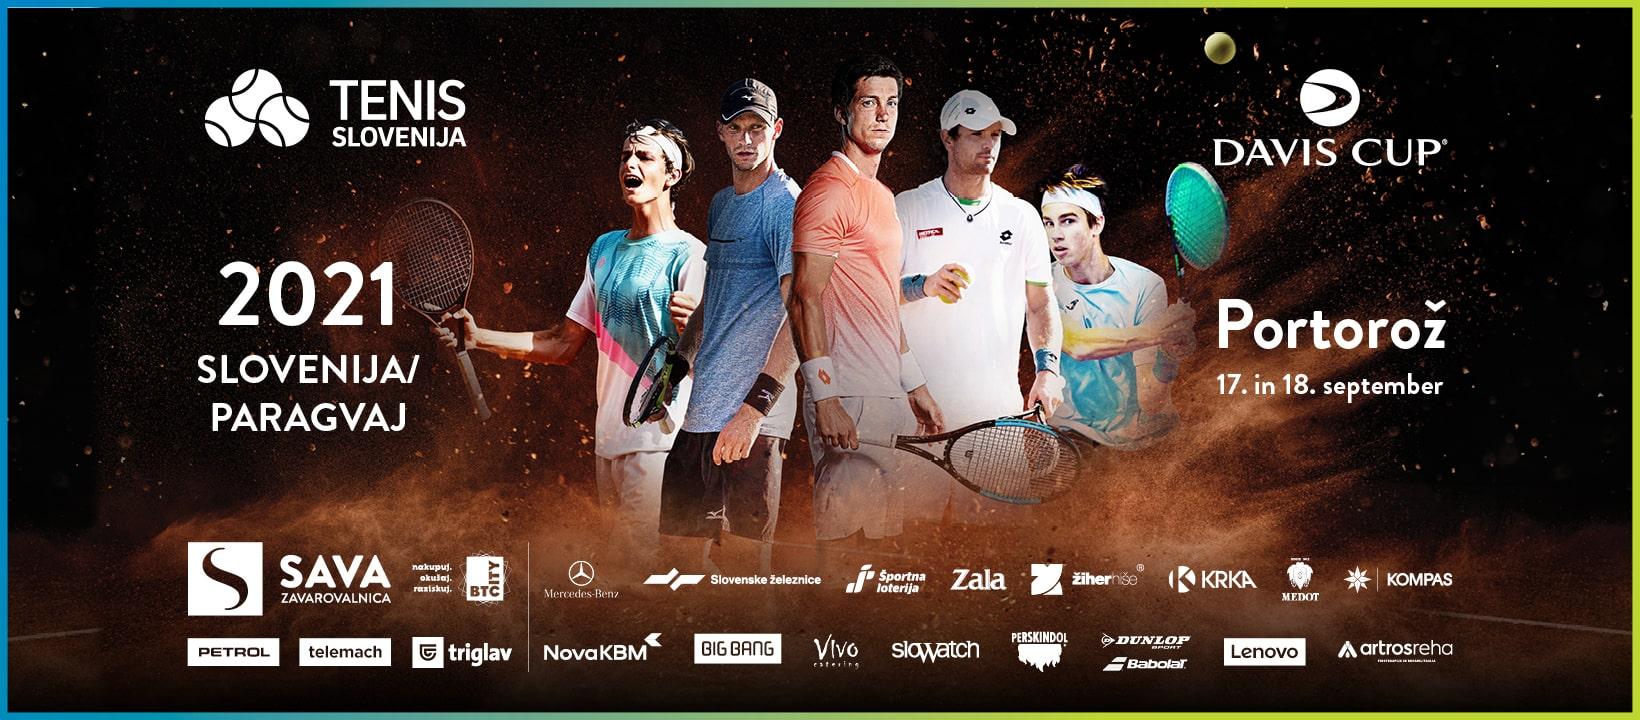 TS Davis Cup FB Cover 1640x720px min - DAVISOV POKAL: Klicu selektorja Žemlje so se odzvali vsi najboljši, nasprotnik v Portorožu Paragvaj